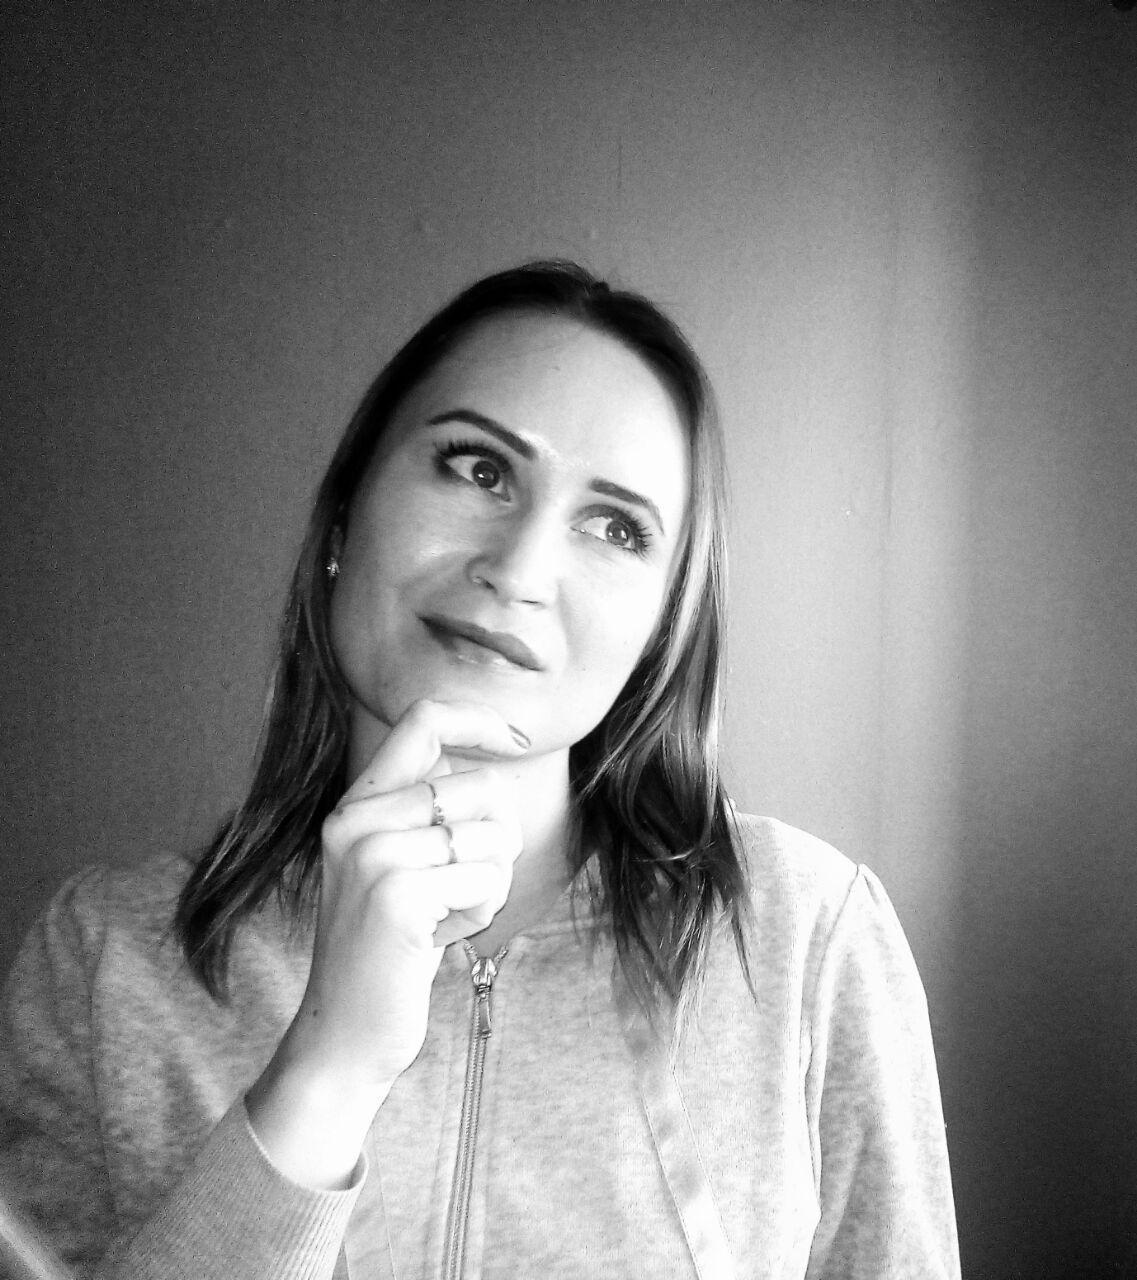 kate.mackarova2014